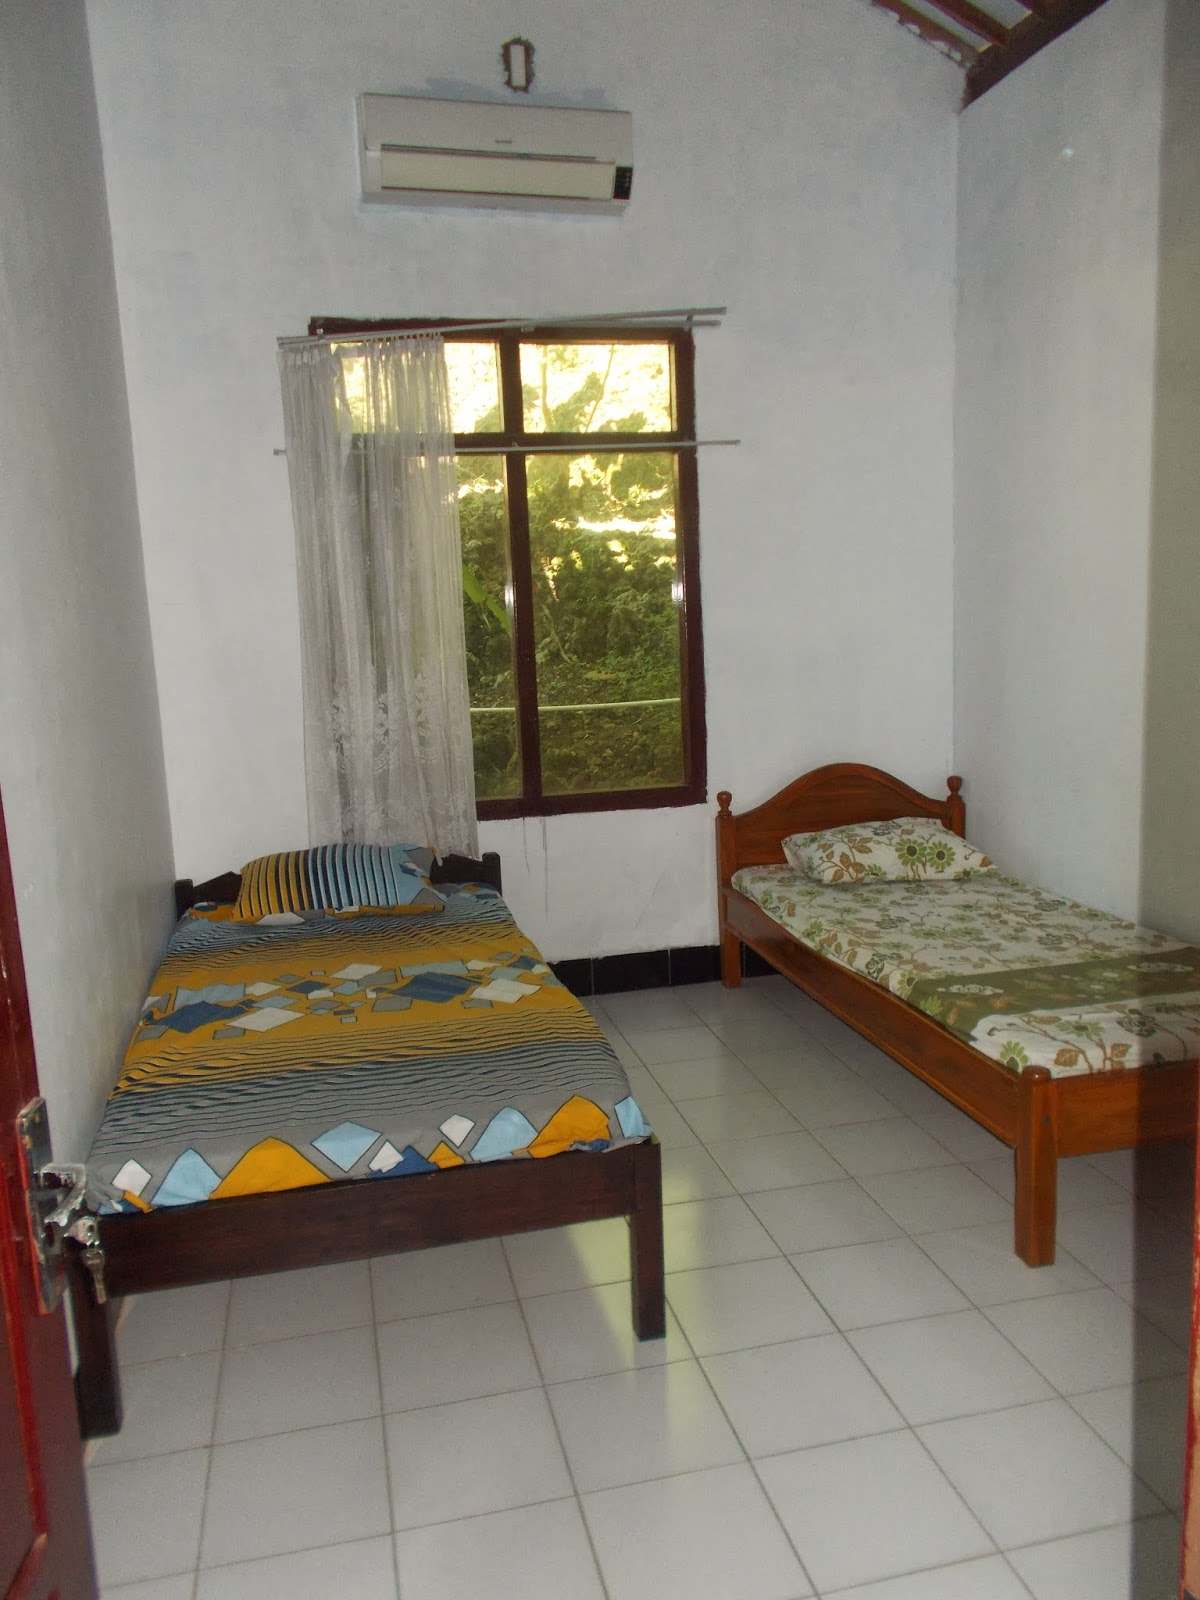 2 Kamar Luas Dengan Fasilitas AC Meja Kursikamar Mandi Dalam Semua Itu Kami Tawarkan Rp 600000 Per Malam Untuk Tarif Normal 1 Rumah 500000